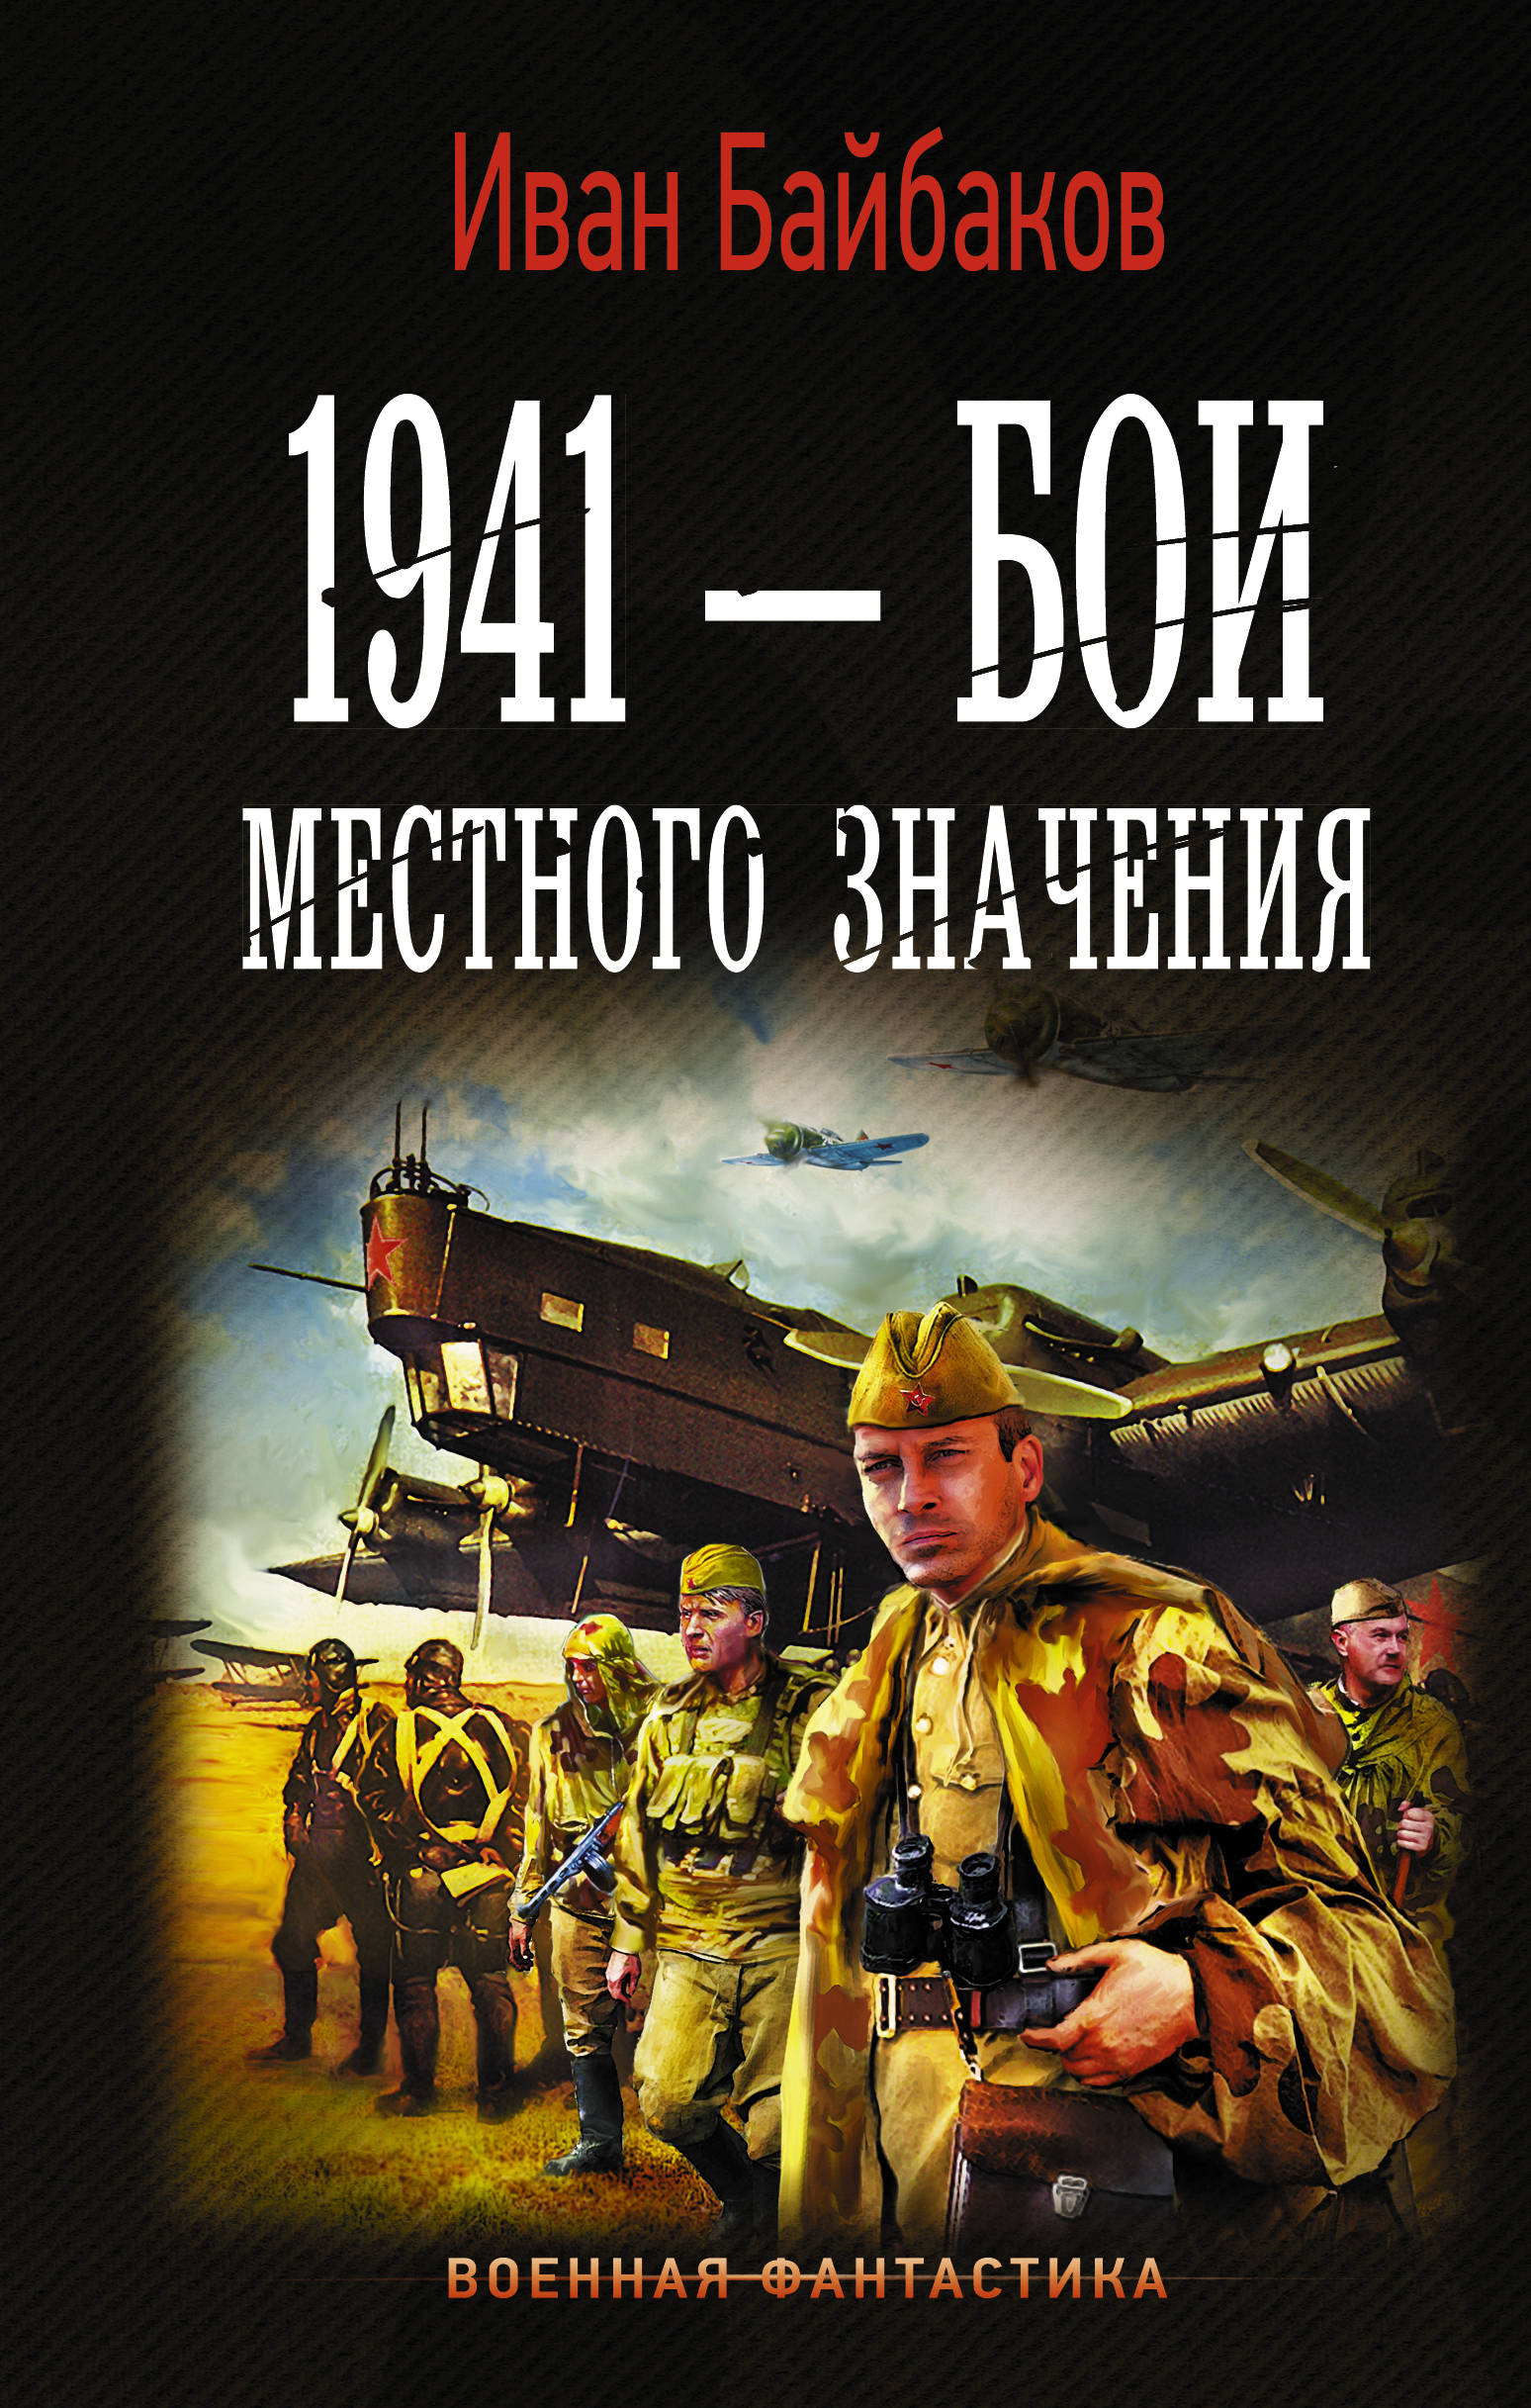 Малой кровью на своей территории. 1941 - Бои местного значения: Роман